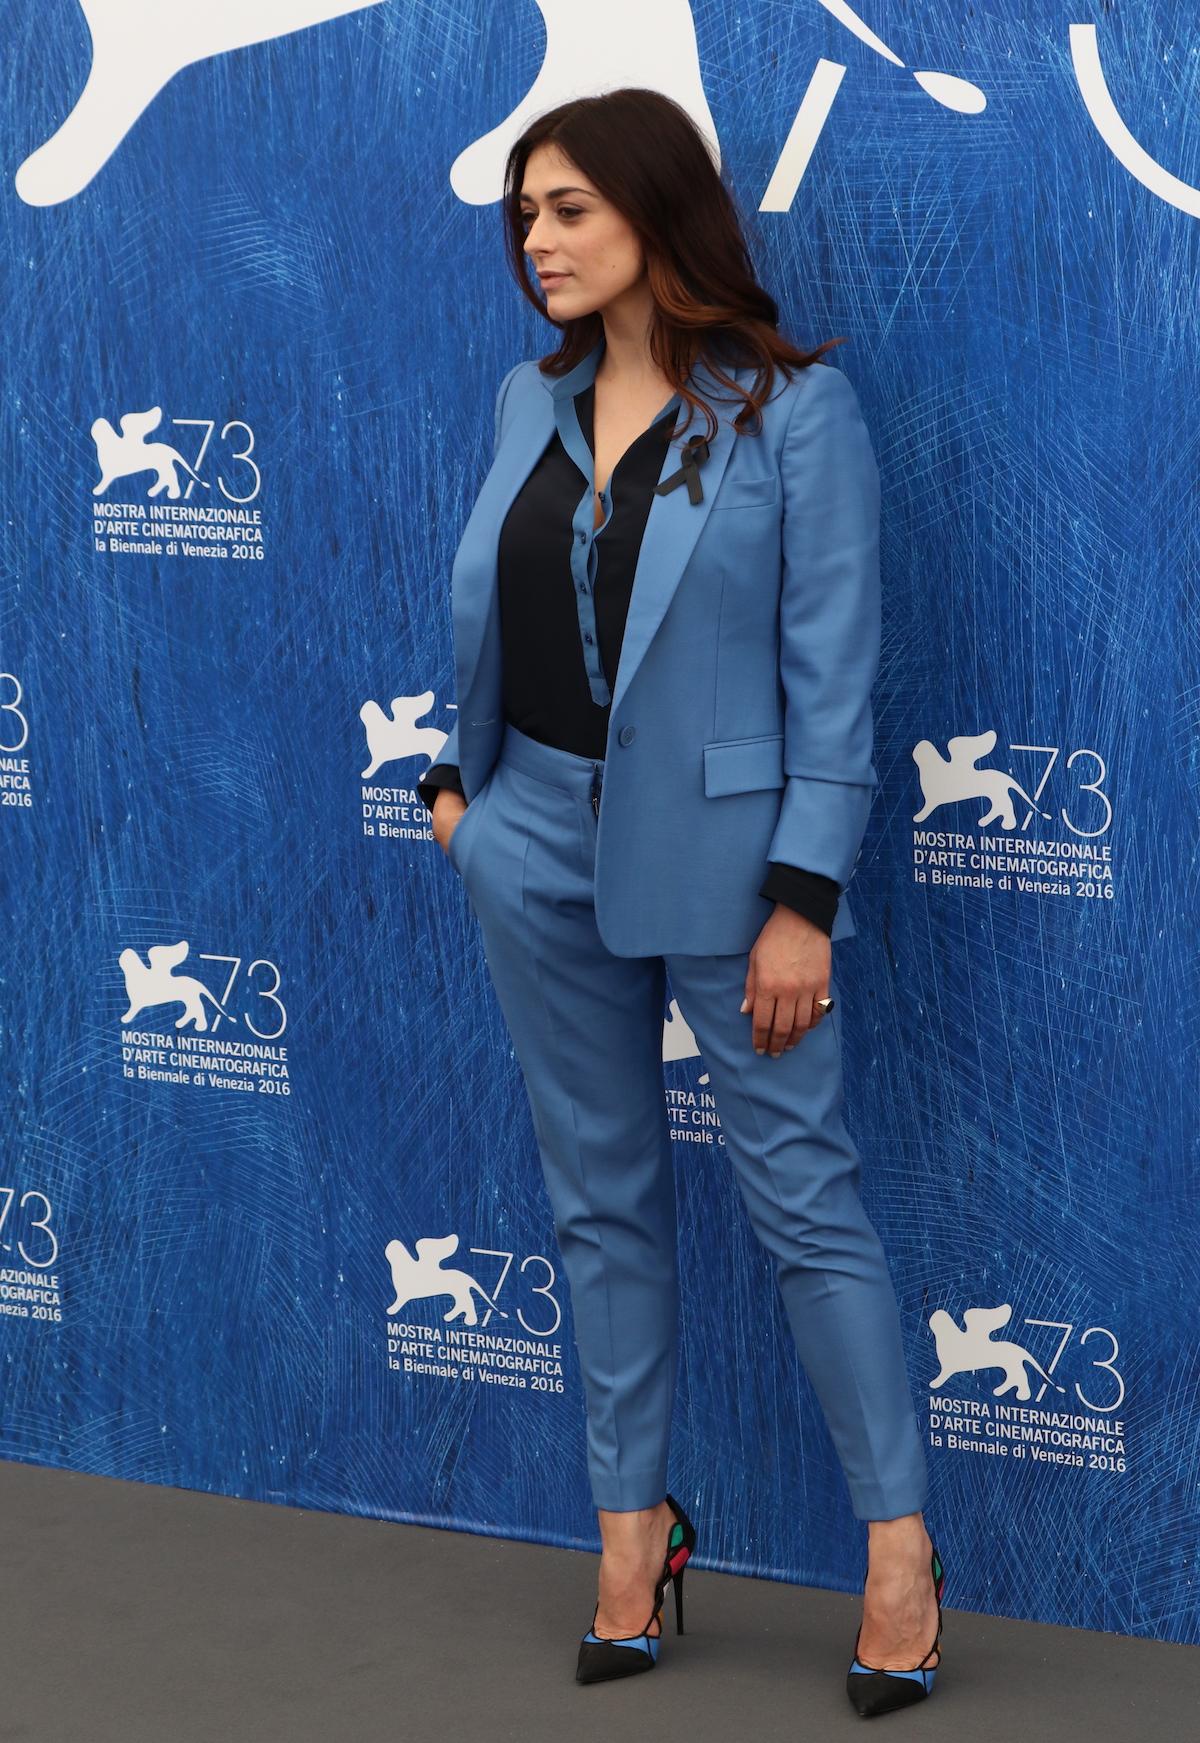 Venezia 2016: Valentina Lodovini in una foto del photocall delle giurie